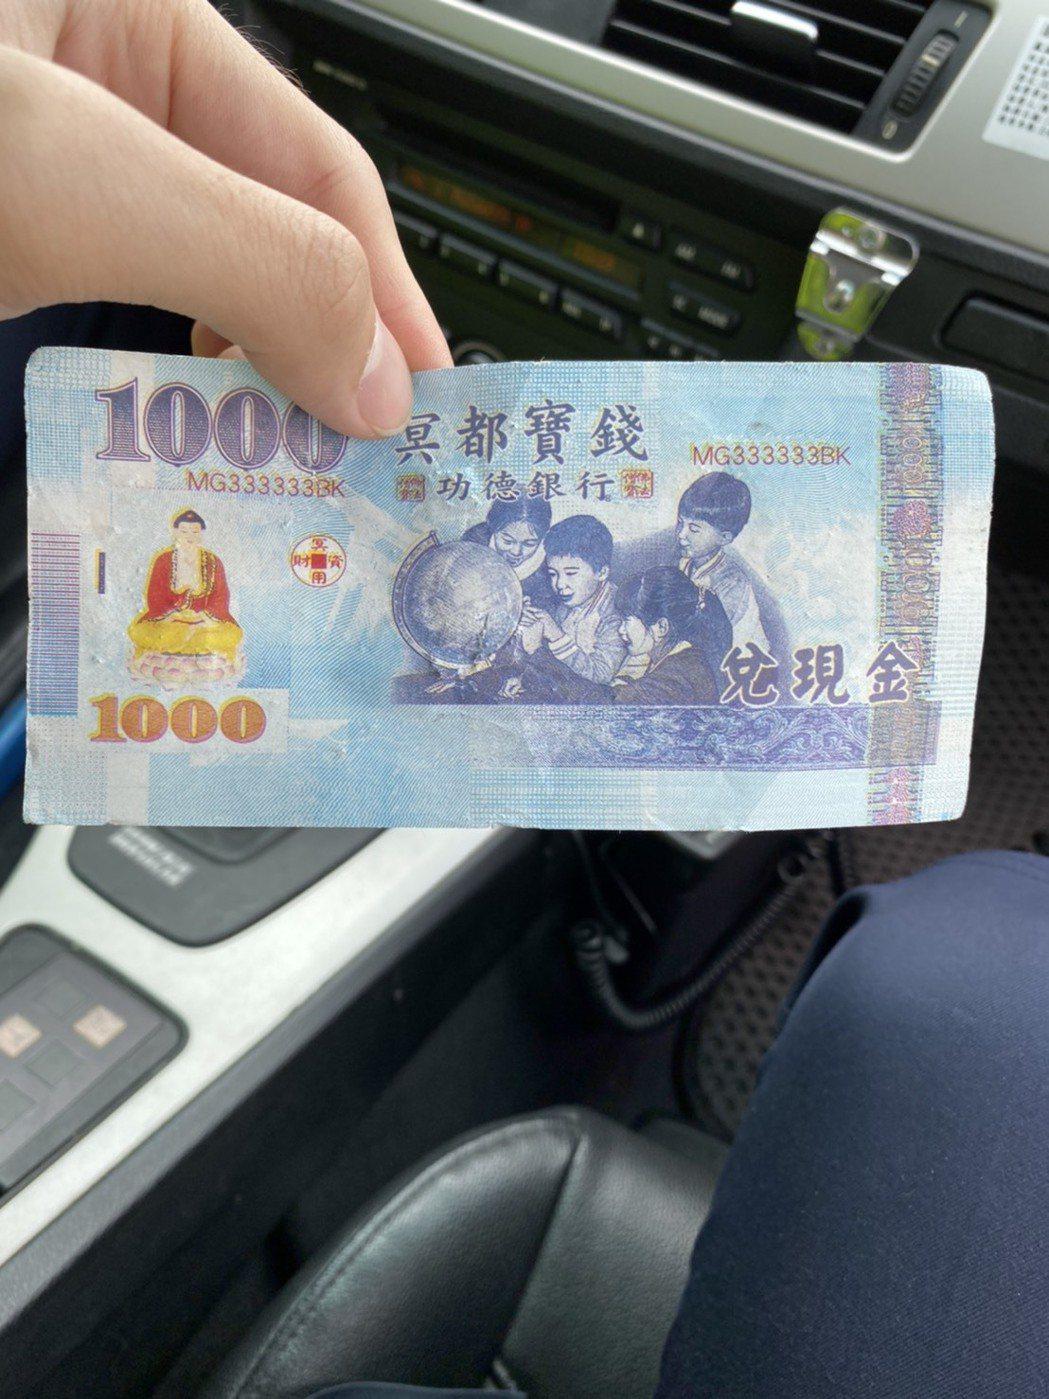 昨日上午國道3號由龍潭交流道傳出疑似大量鈔票散落,國道警察到場後撿到千元冥鈔。圖...